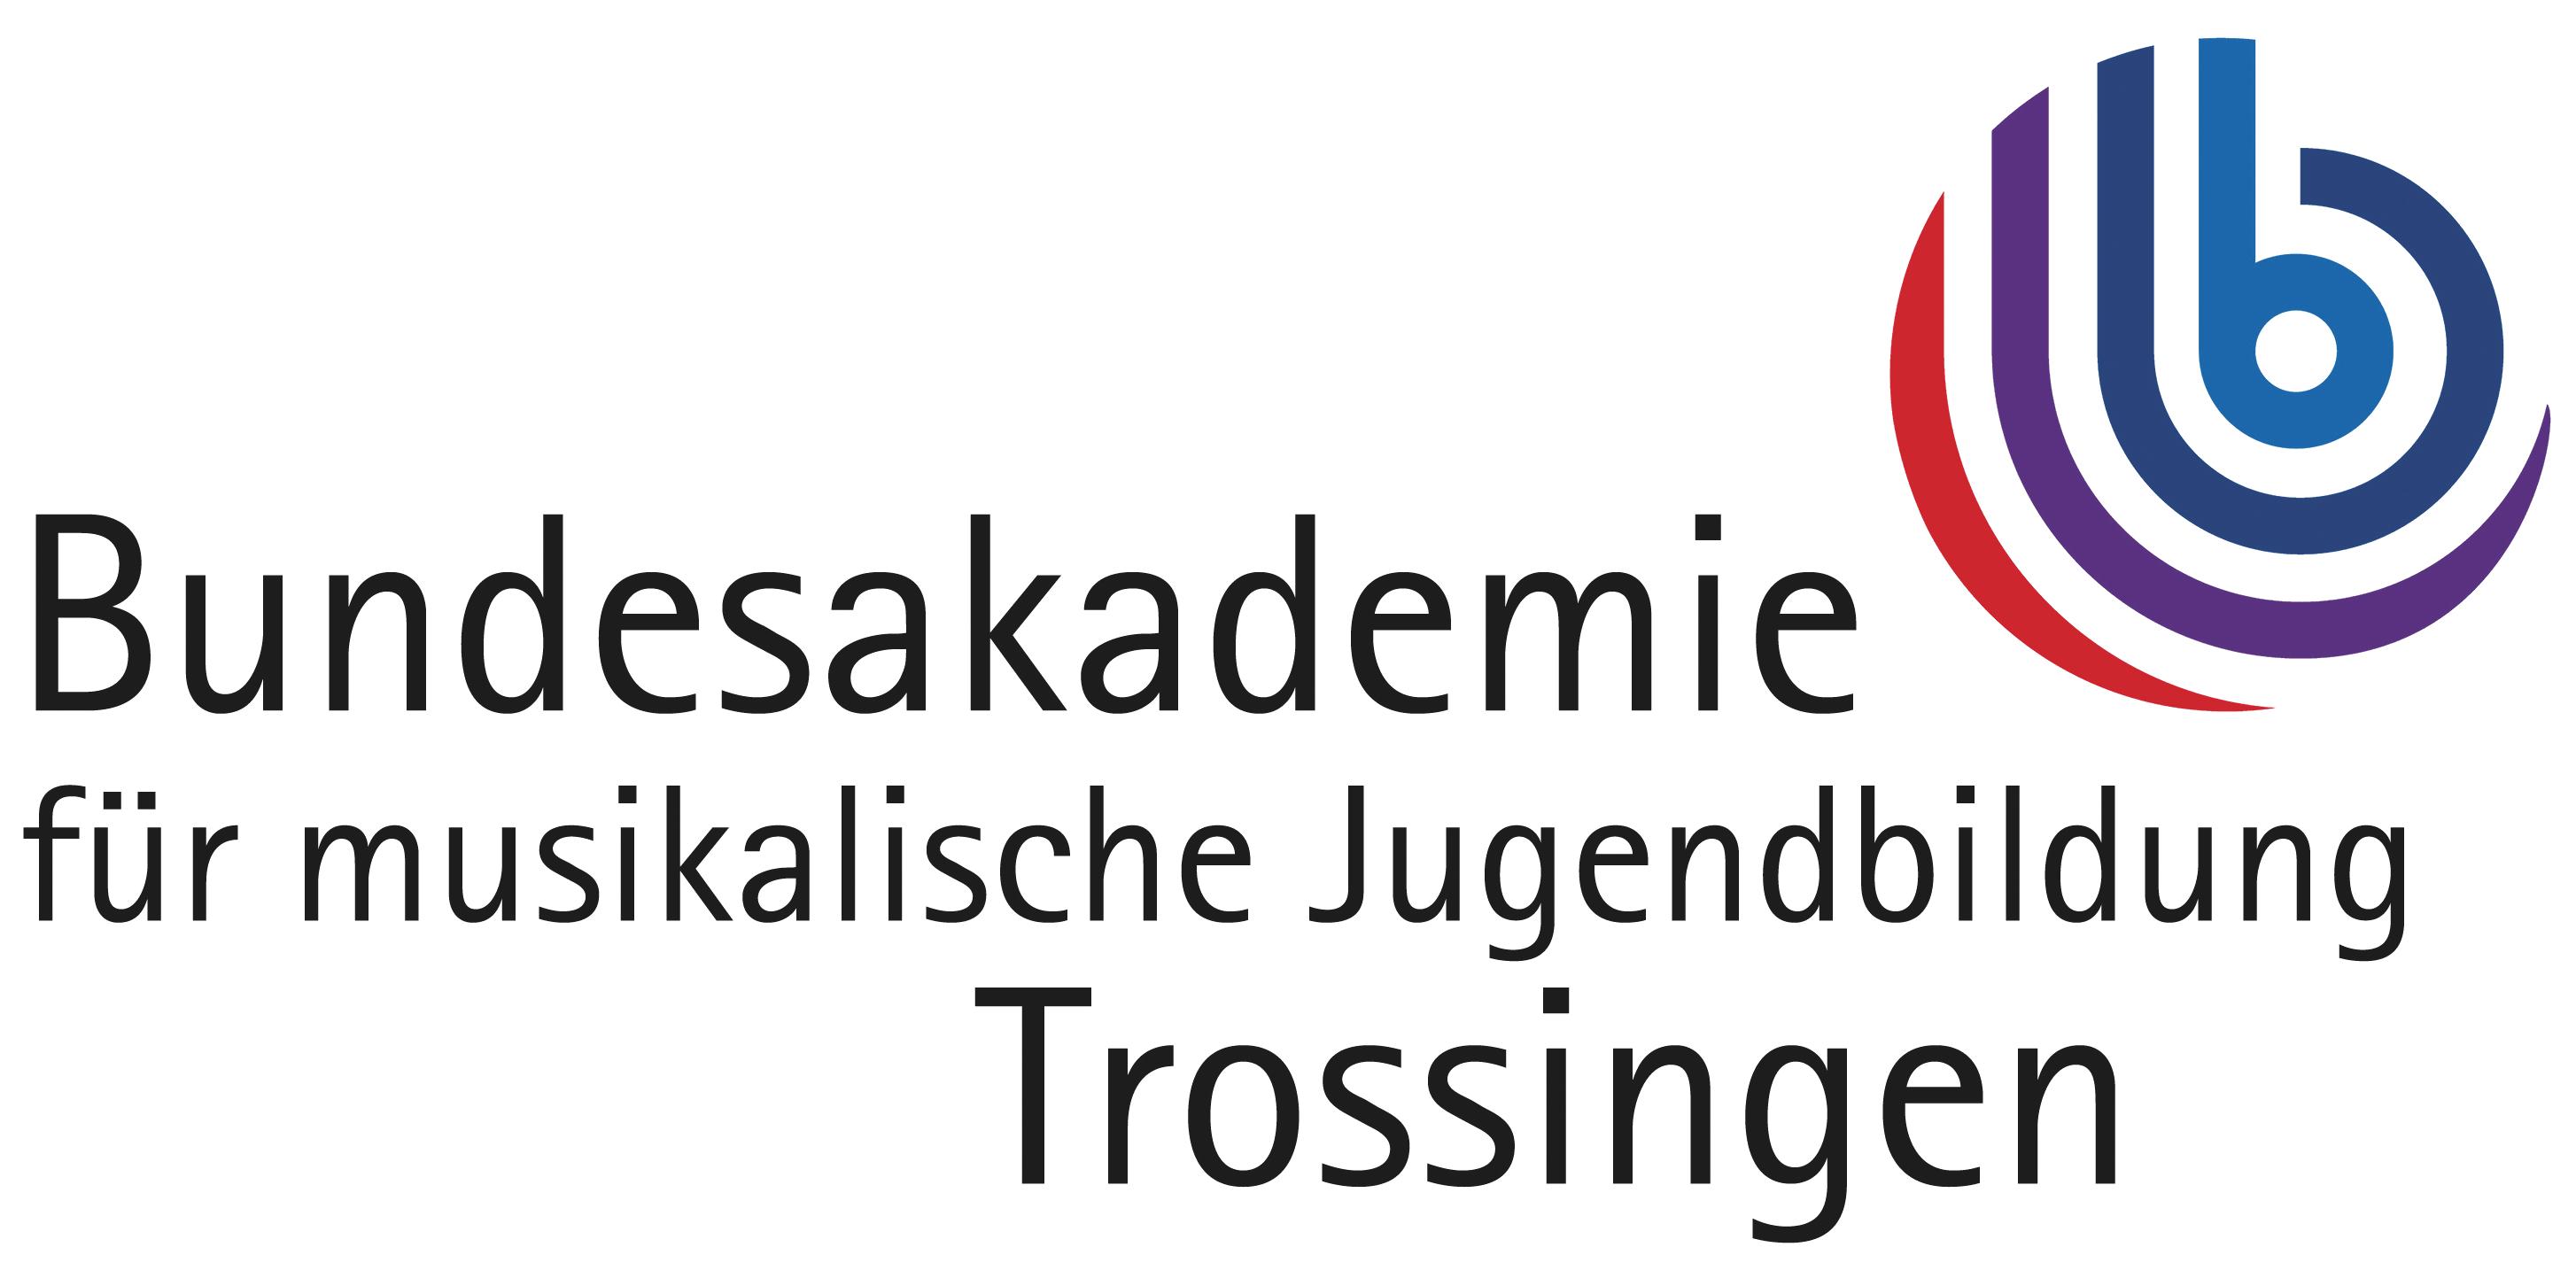 Direktor (m/w/d) der Bundesakademie Trossingen - Bundesakademie für musikalische Jugendbildung - Logo